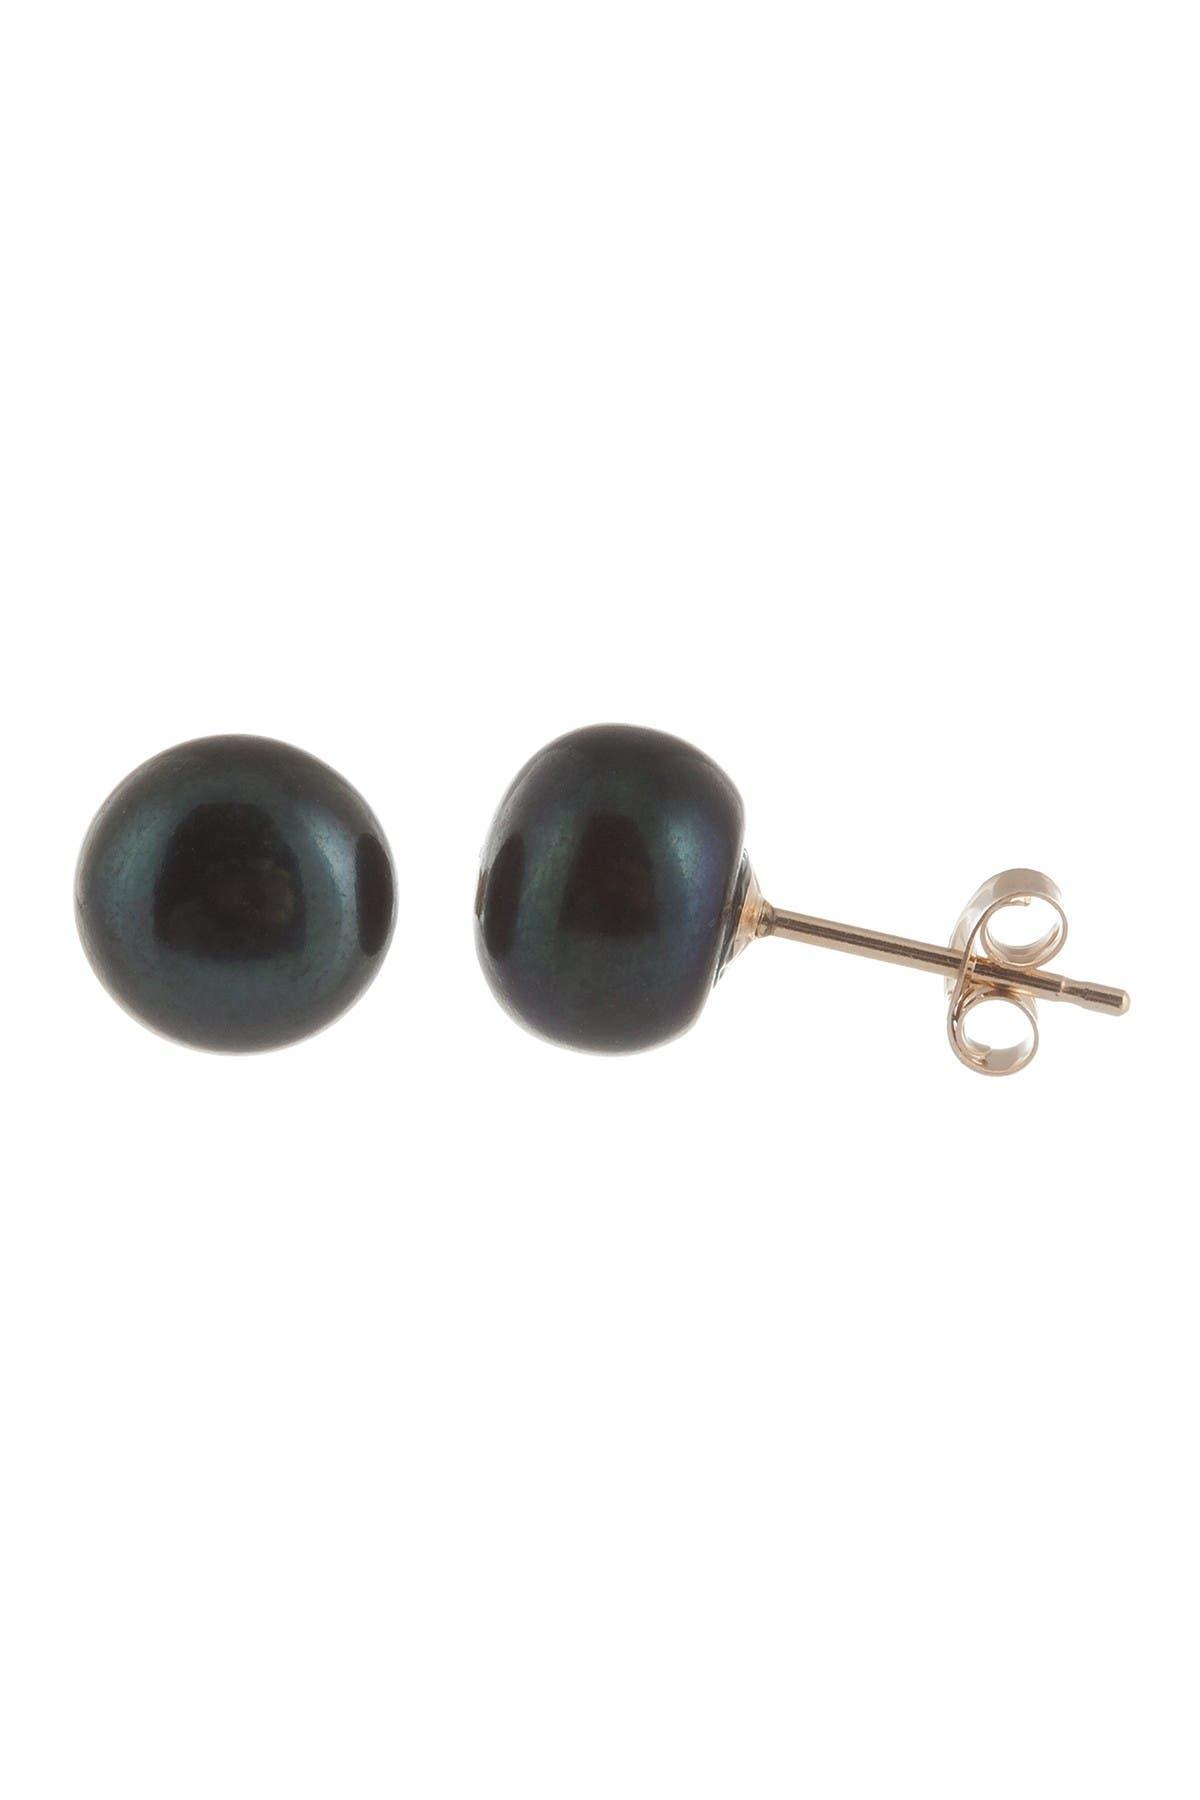 Image of Splendid Pearls 7-7.5mm Black Freshwater Pearl Stud Earrings